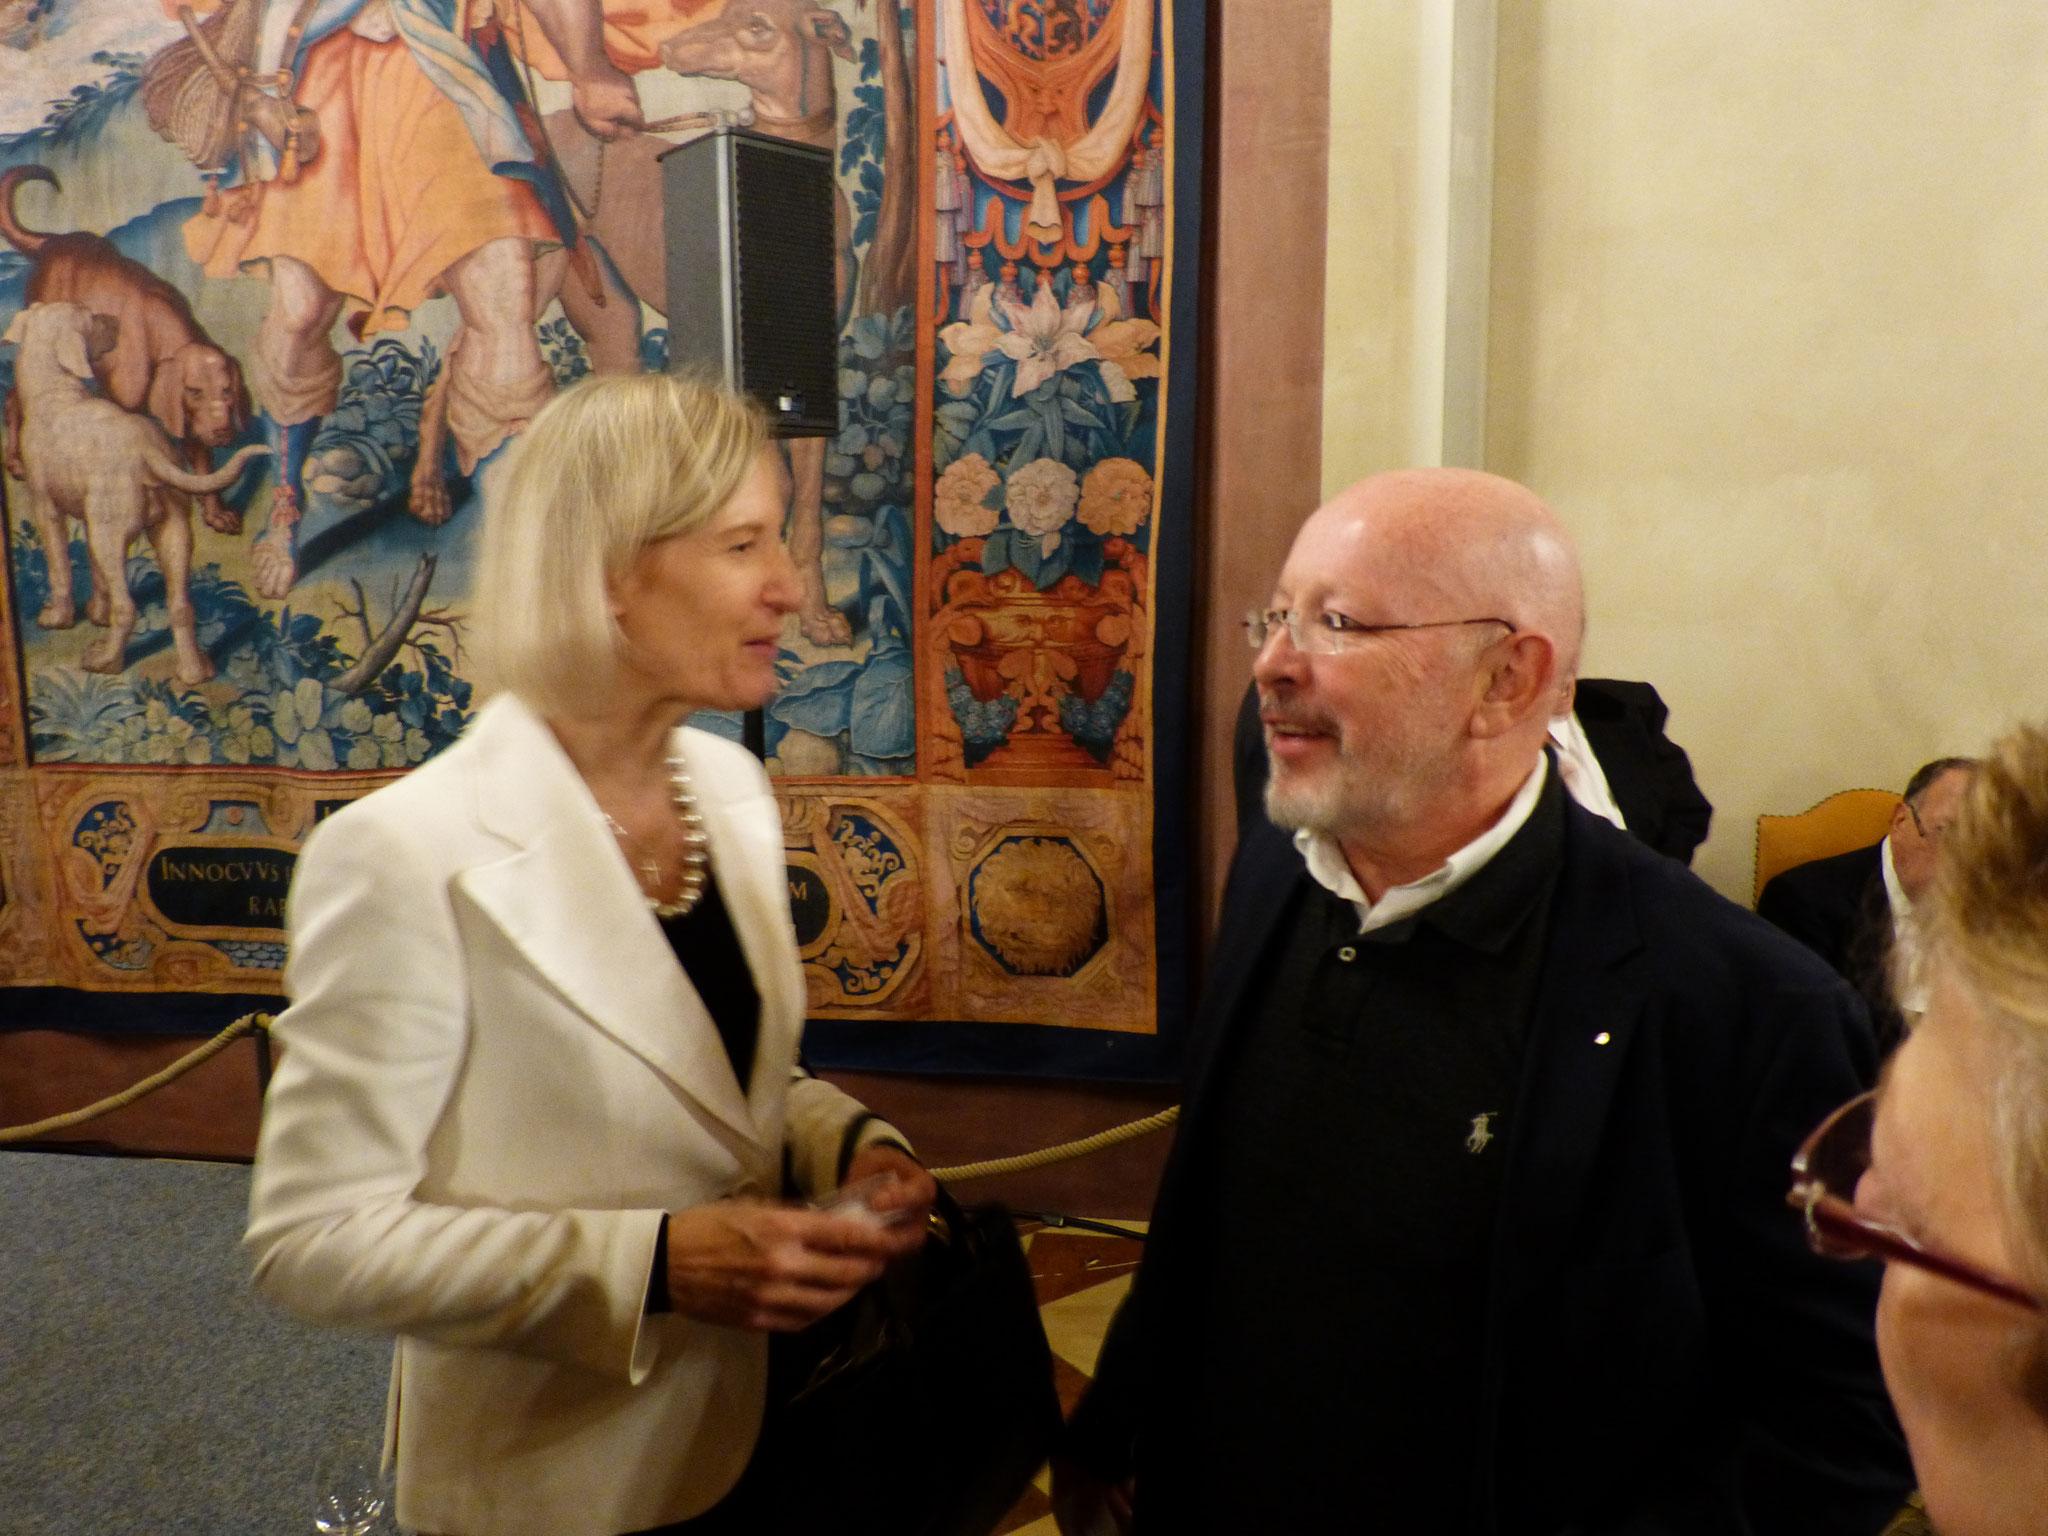 BRSI Vorstand Dr. Dieter Körner im Gespräch mit der WBU Präsidentin Frau Prof. Angelika Niebler